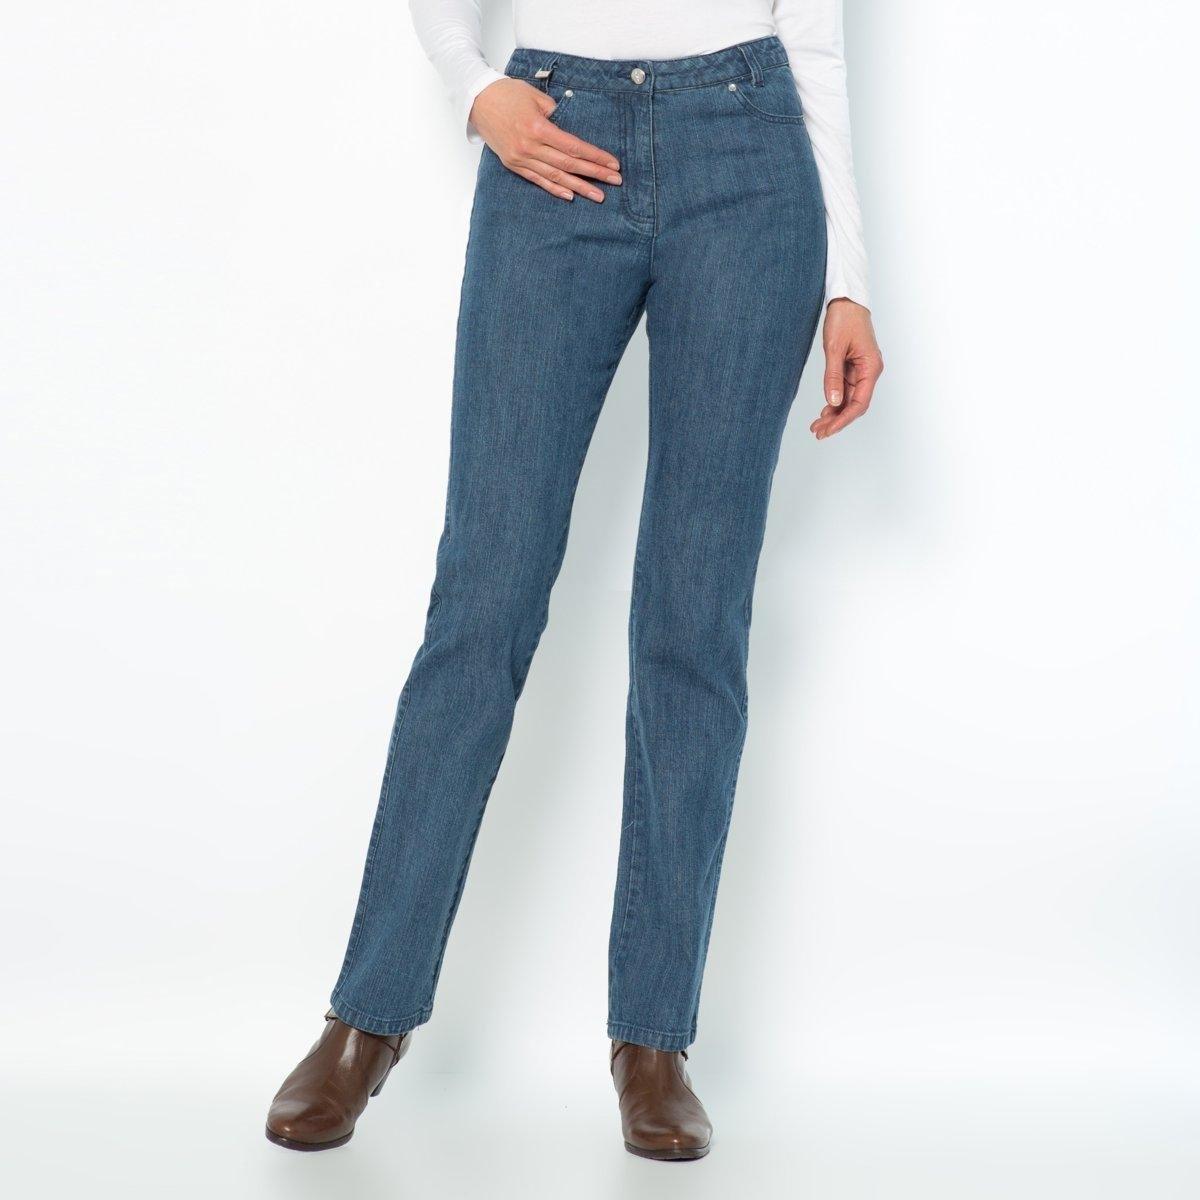 Джинсы из стретч денима, длина по внутр. шву 78 смКлассические джинсы: настоящие пятикарманные, сзади украшены стразами. Талия слегка занижена. Пуговица из металла, украшена стразами, застежка на молнию спереди. Сзади: карманы со строчкой из страз, на одном инициалы AW на поясе нашивка имитация кожи. Длина по внутр. шву 78 см, при росте менее 1,65 м.Состав и описание:Материал: Деним стретч: 99% хлопка, 1% эластана LYCRA®.Длина по внутр.шву: 78 см, ширина по низу: 20 см.Марка: Anne Weyburn.Уход:Машинная стирка при 30 °C на умеренном режиме, с изнанки.Гладить при средней температуре, с изнанки.<br><br>Цвет: синий потертый,темно-синий